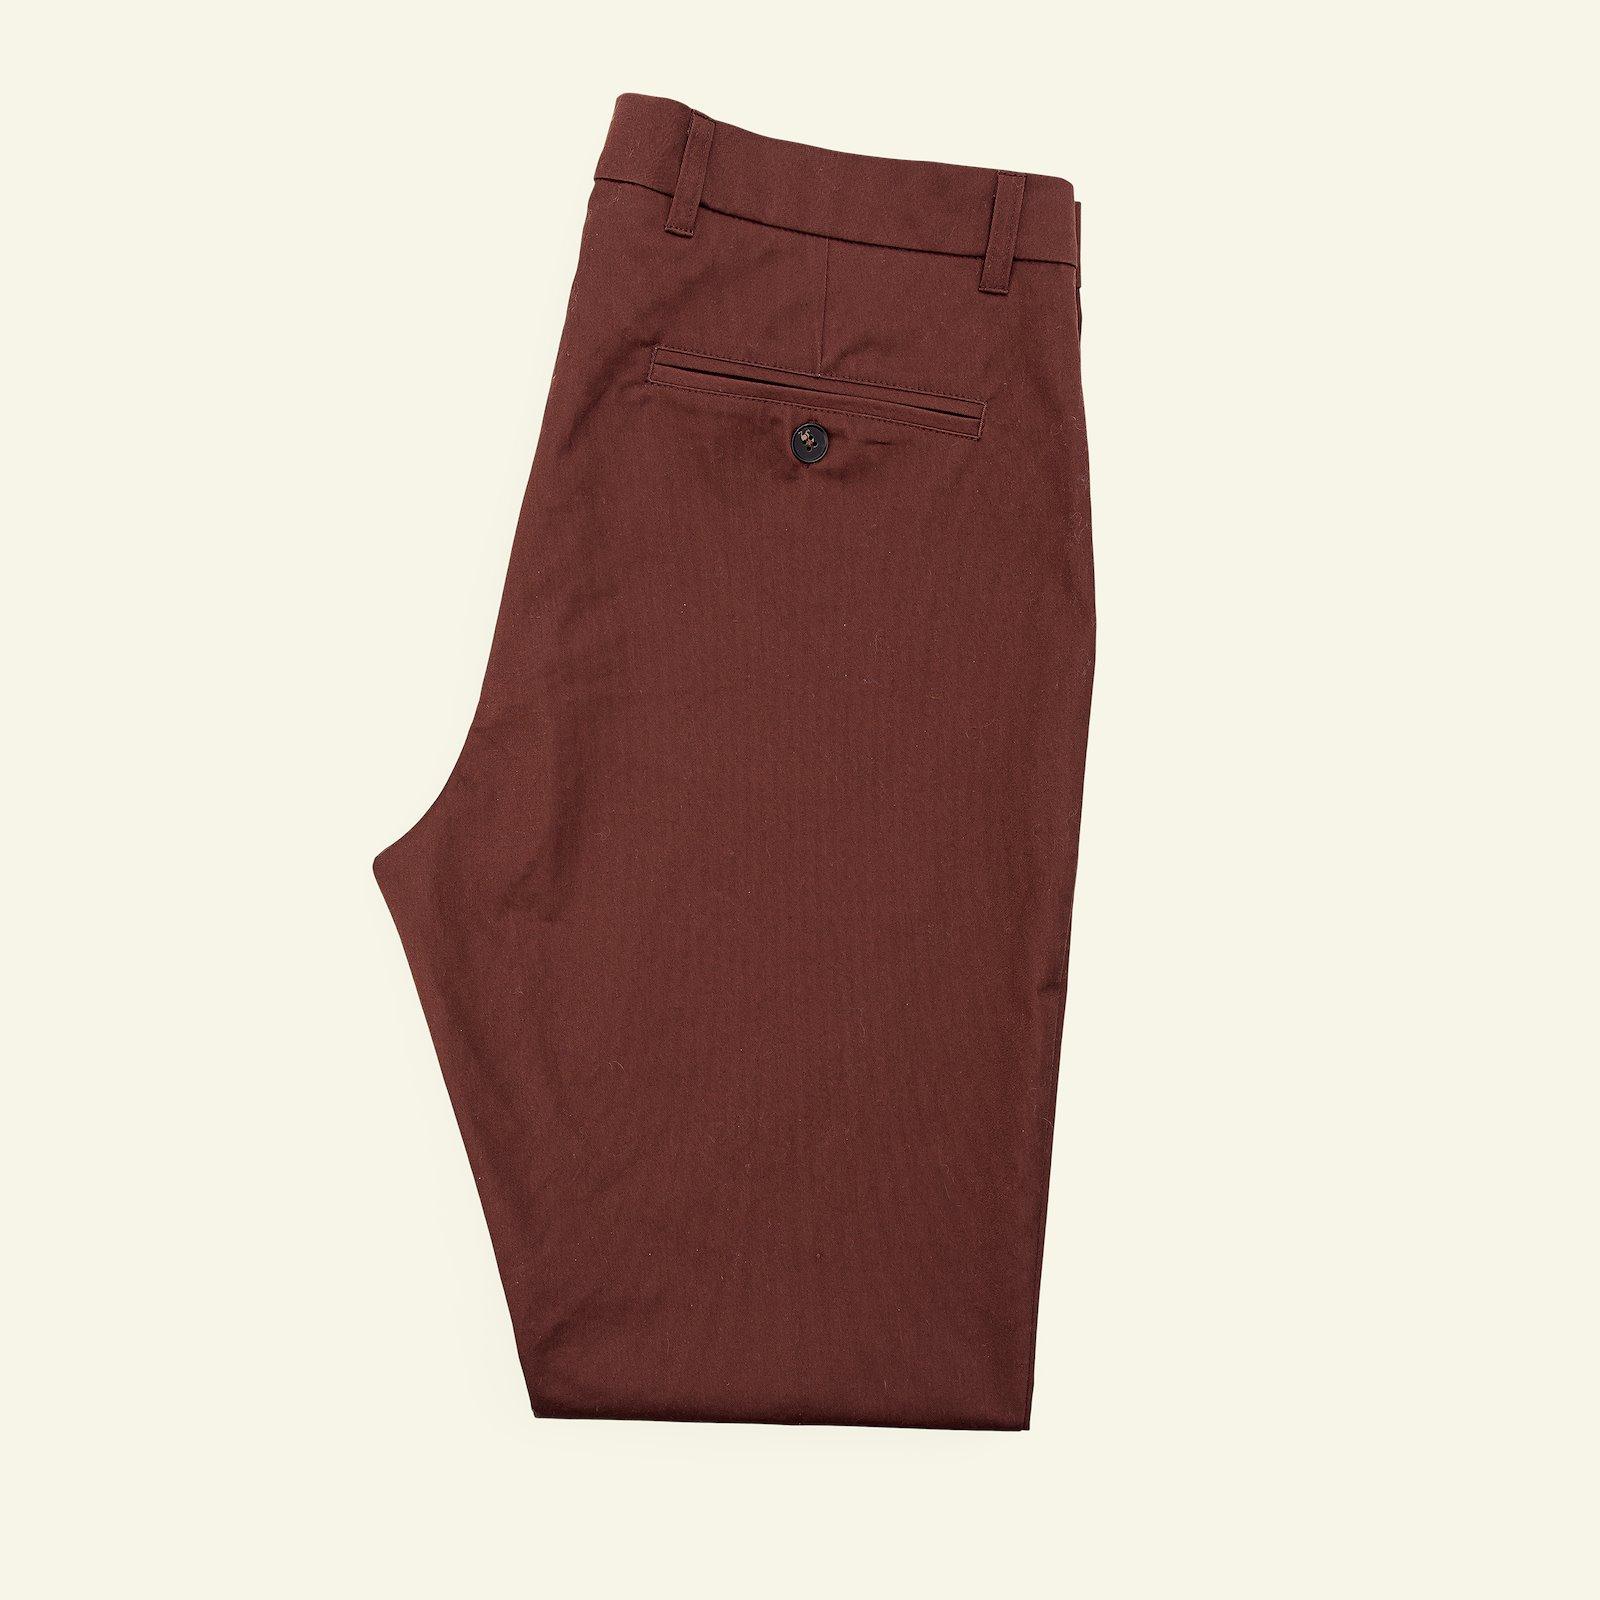 Chino trousers, 48 p85001_420419_40233_sskit